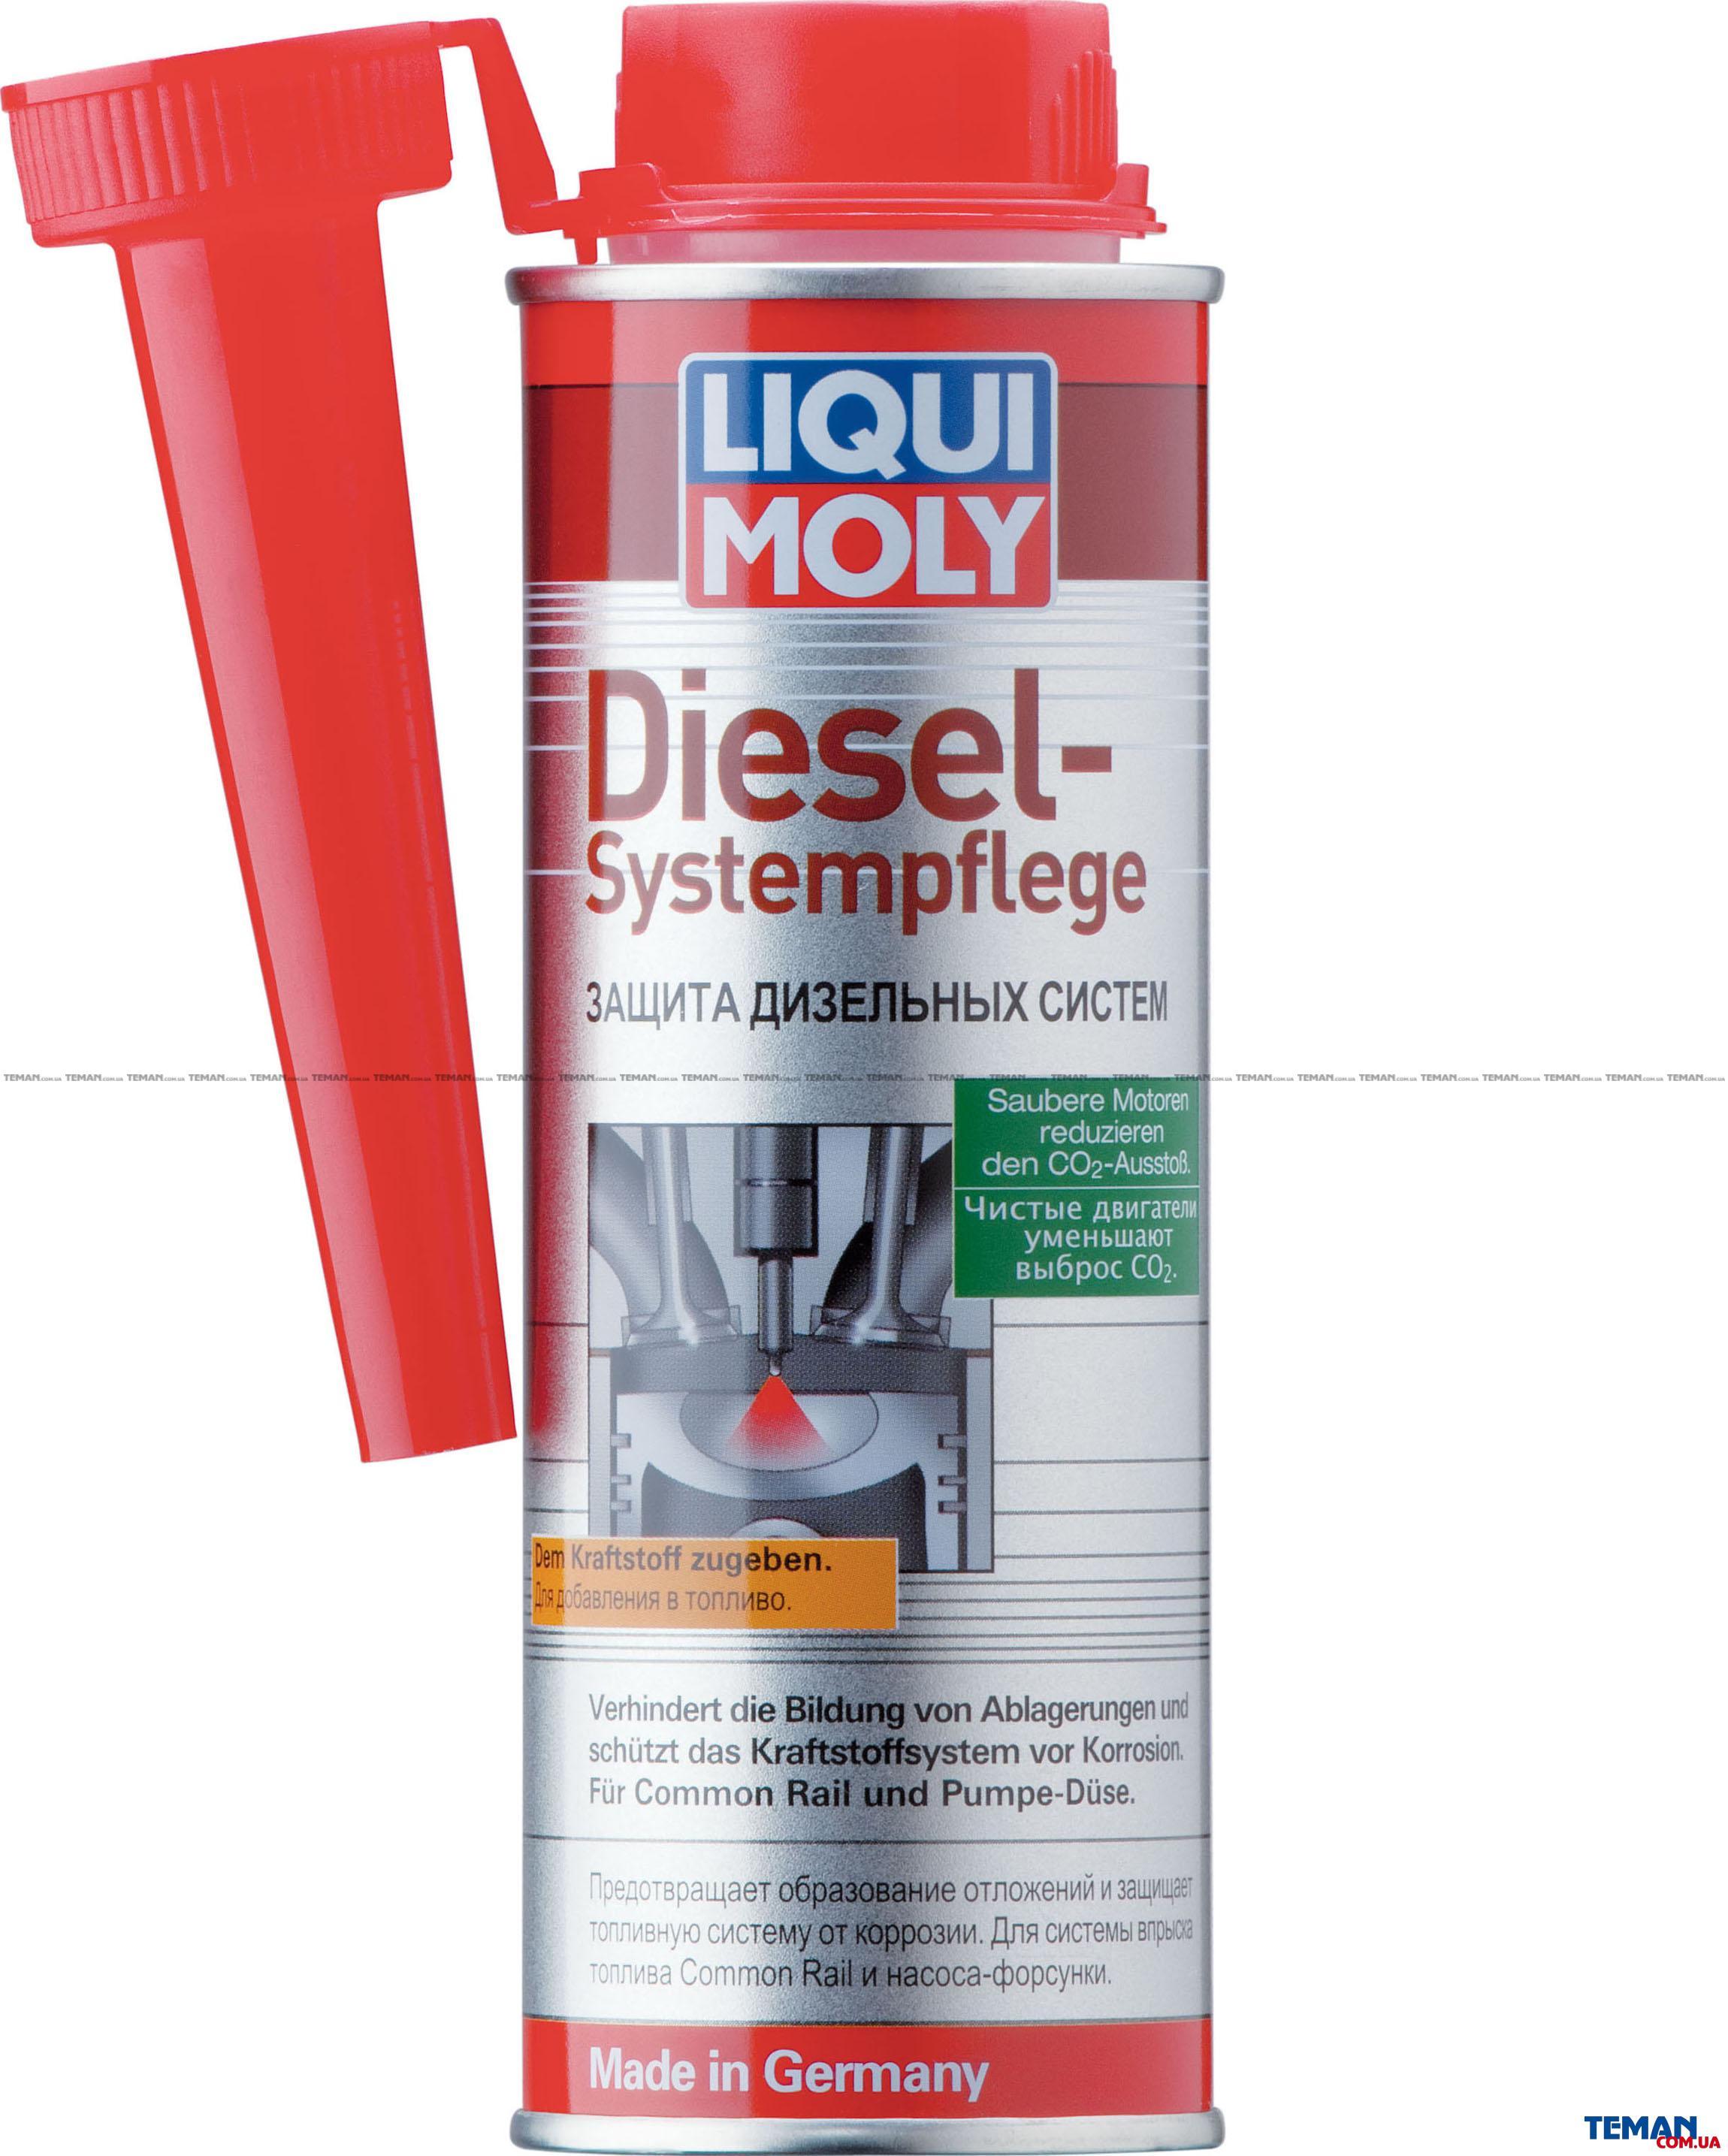 Защита дизельных систем Diesel Systempflege, 0,25 мл